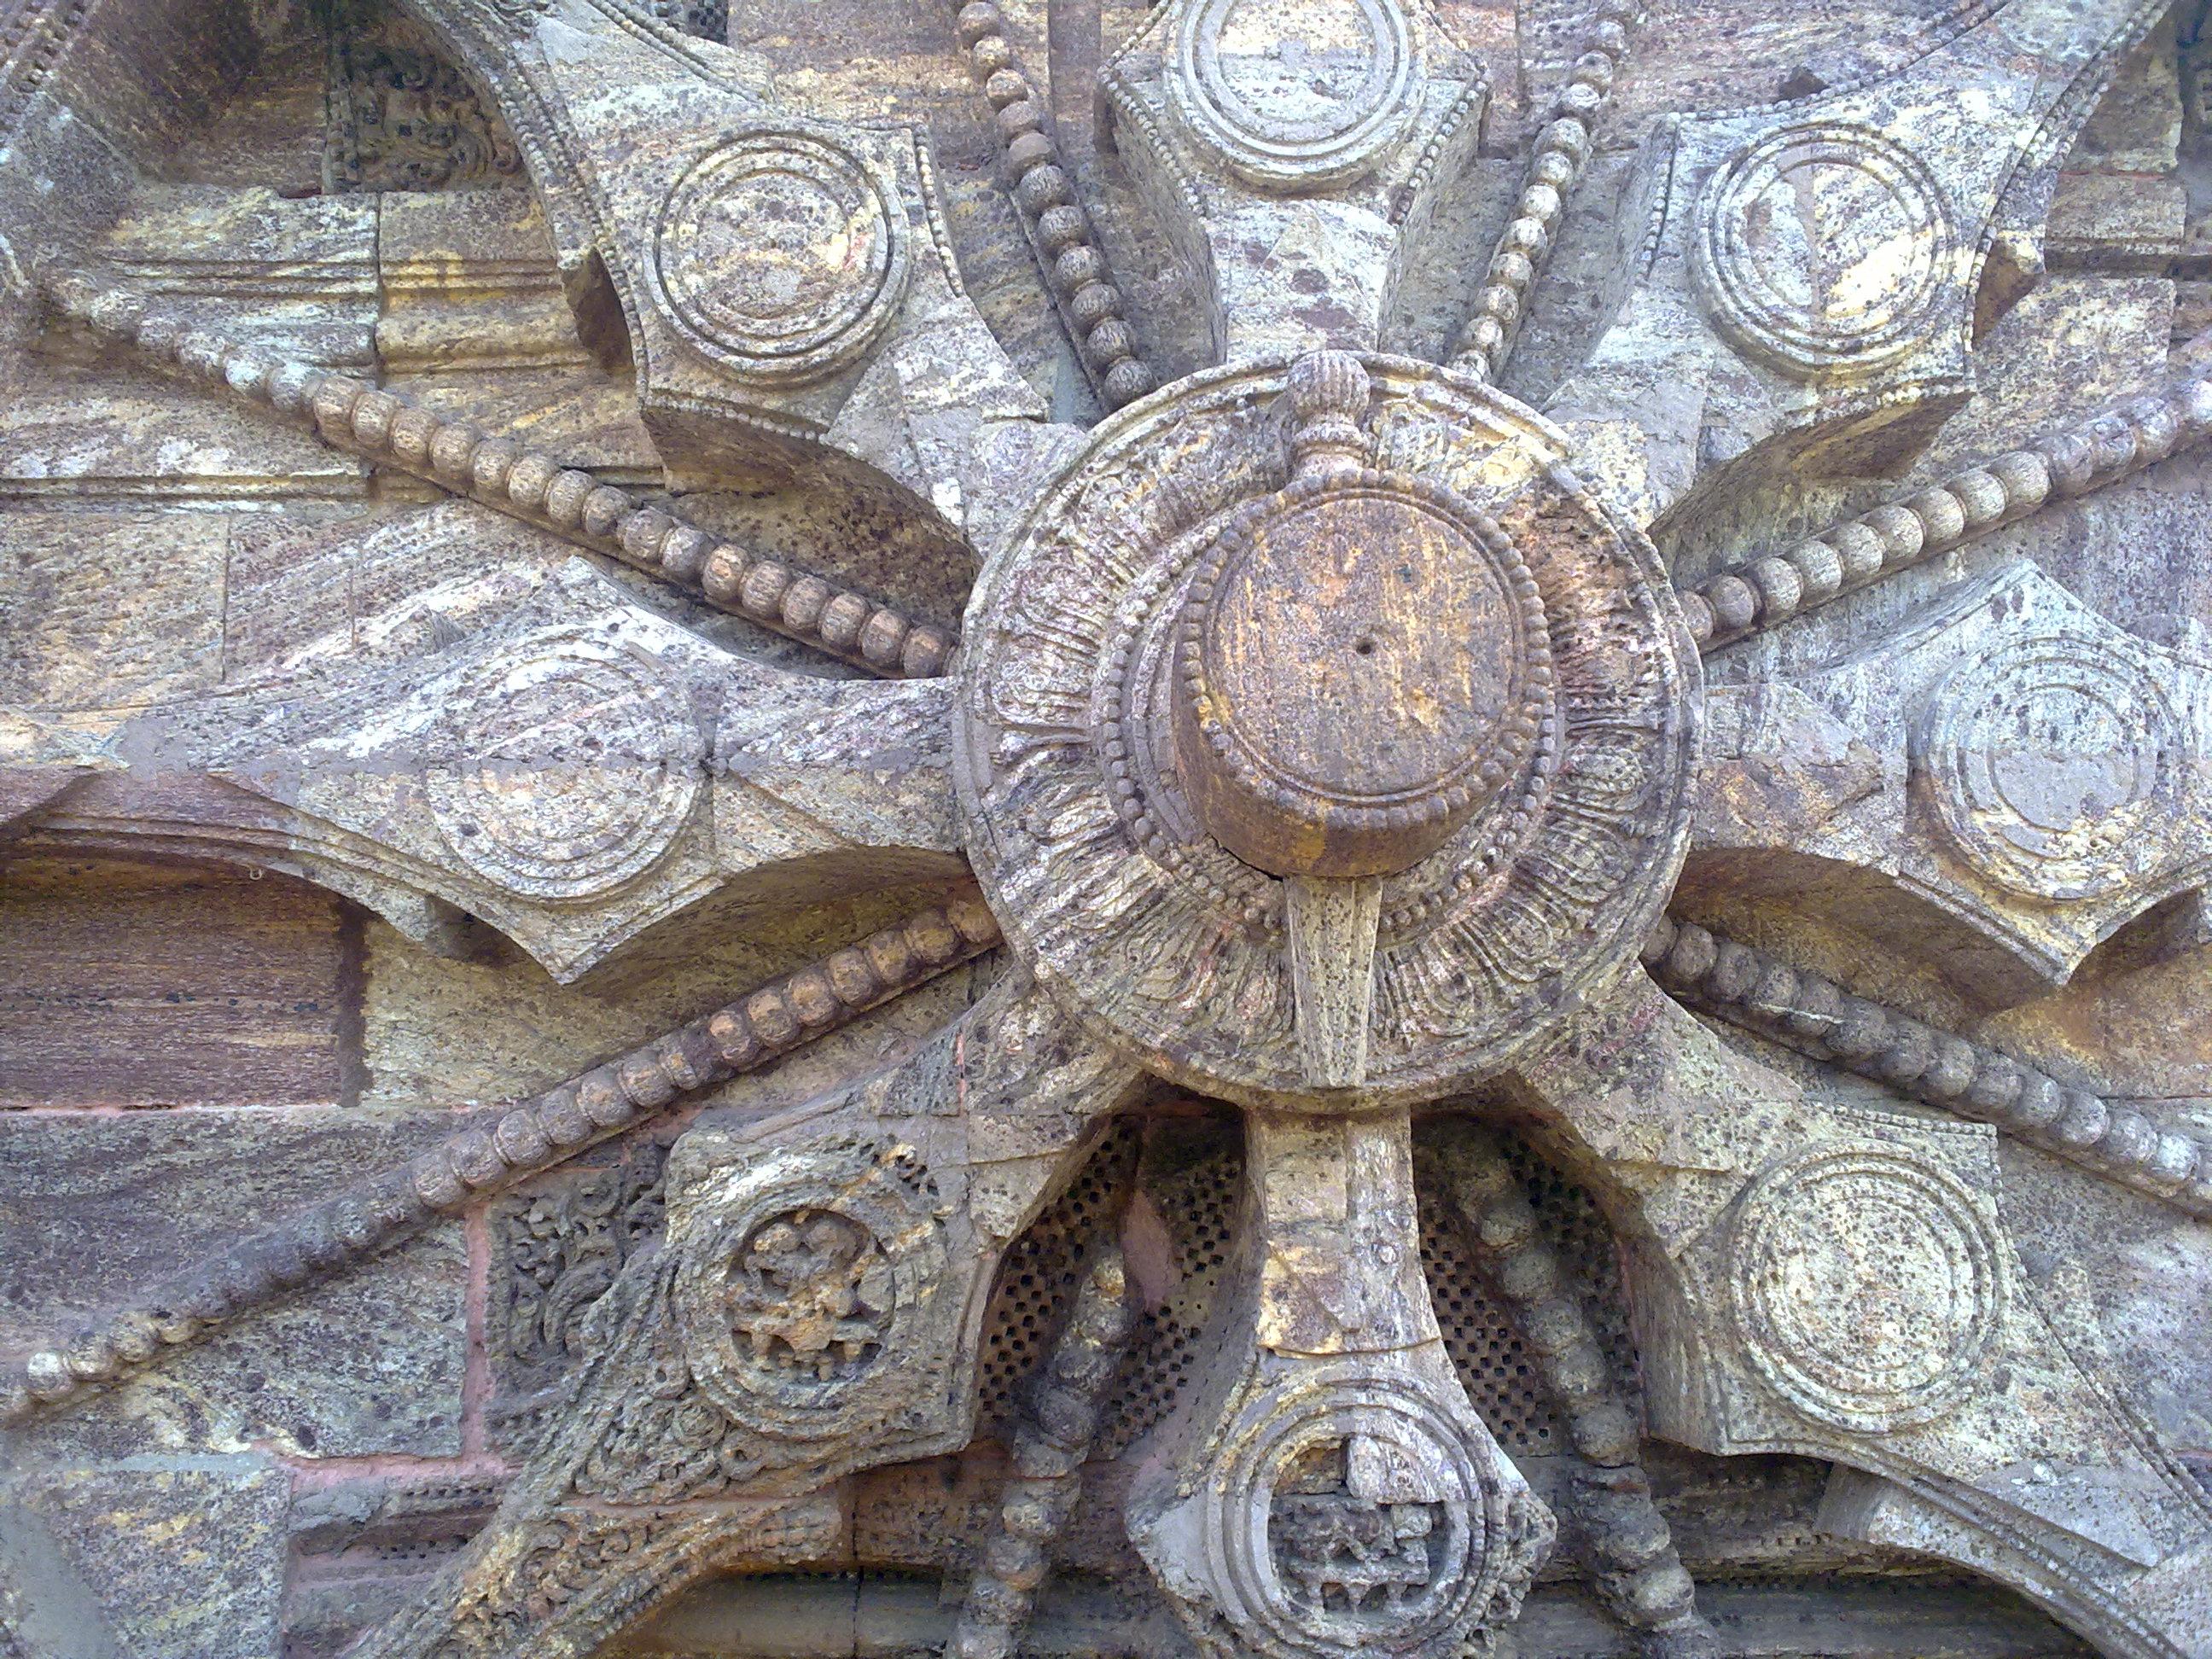 File:An stone art work in Sun temple Konark 1.jpg - Wikimedia Commons